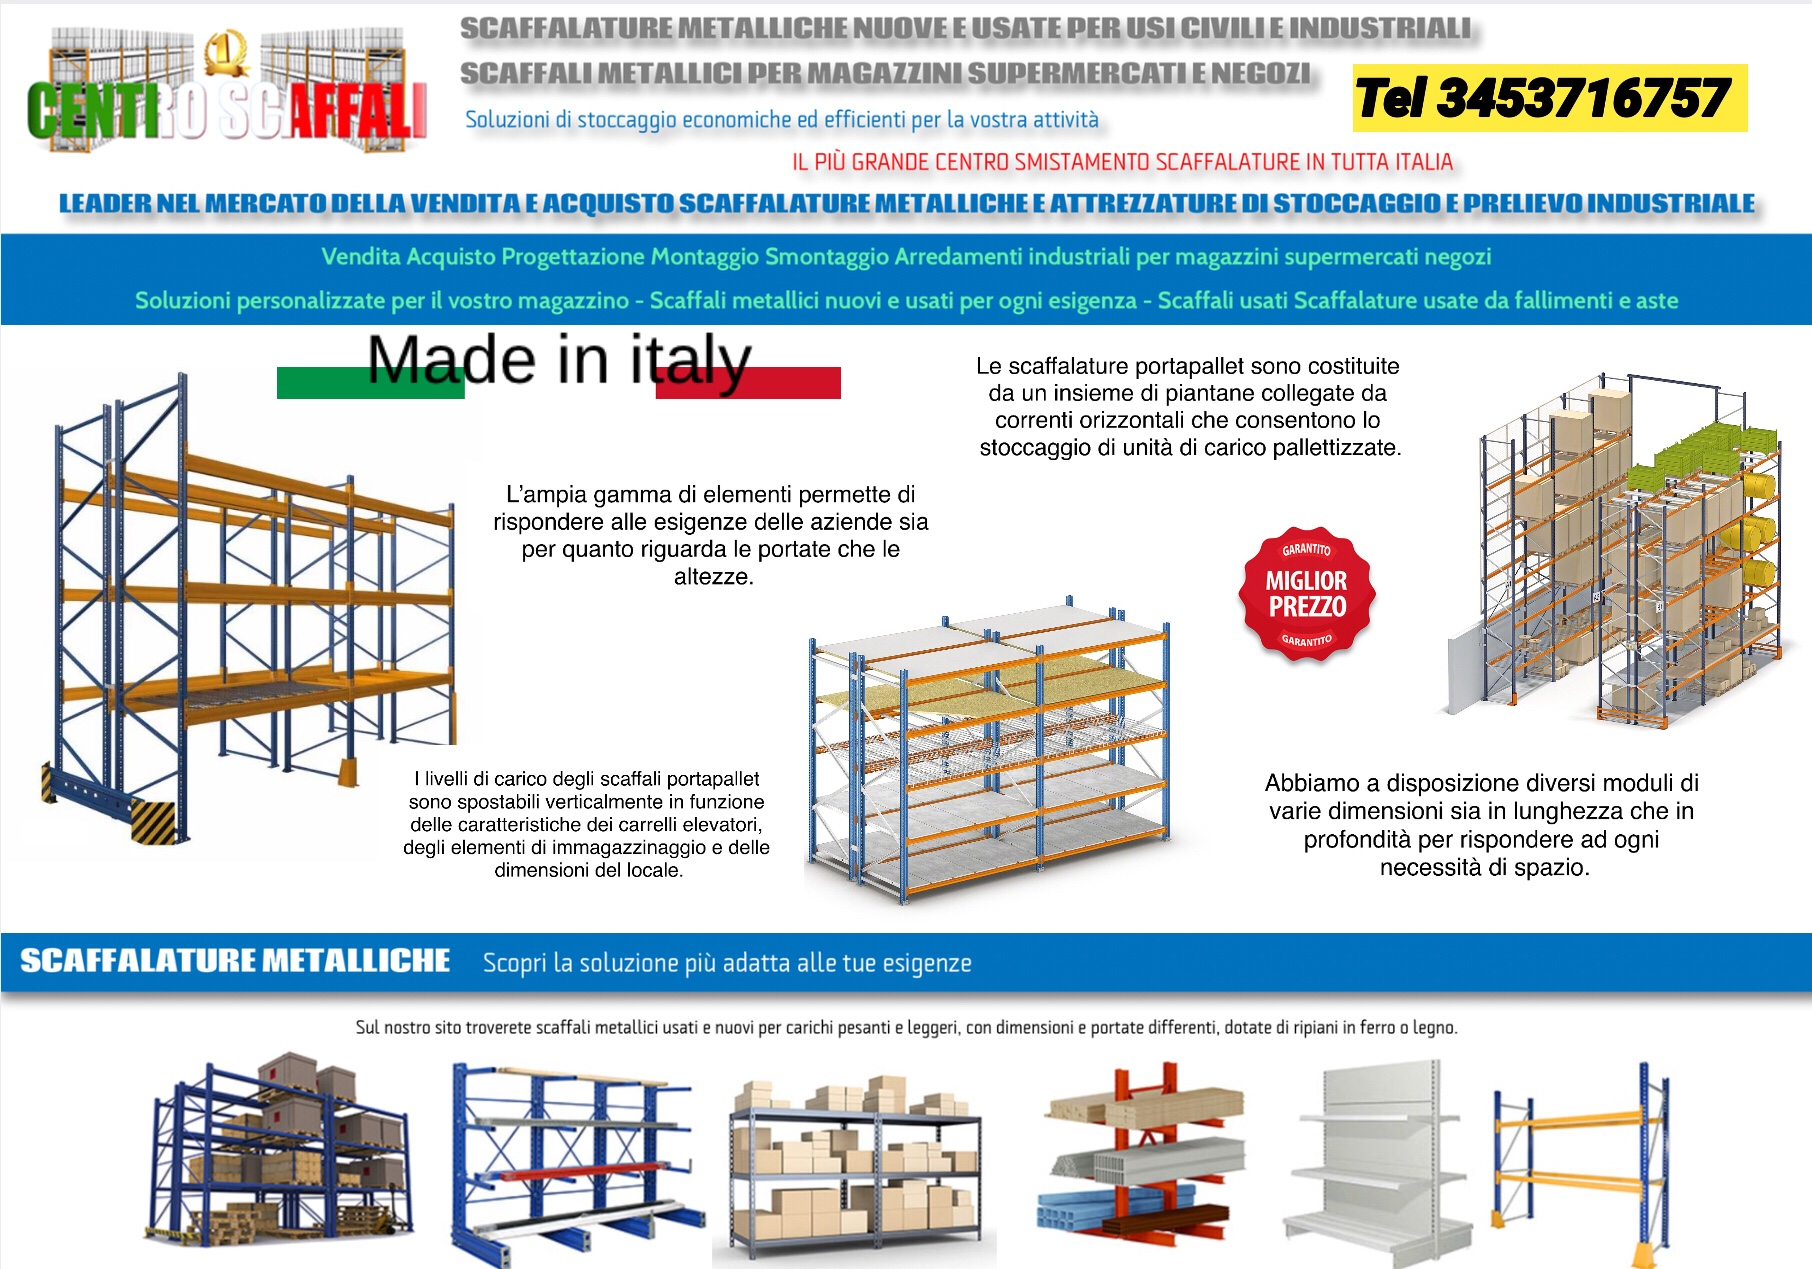 Vendita Scaffali Metallici Torino.Scaffalature Metalliche Industriali Nuove E Usate Vendita